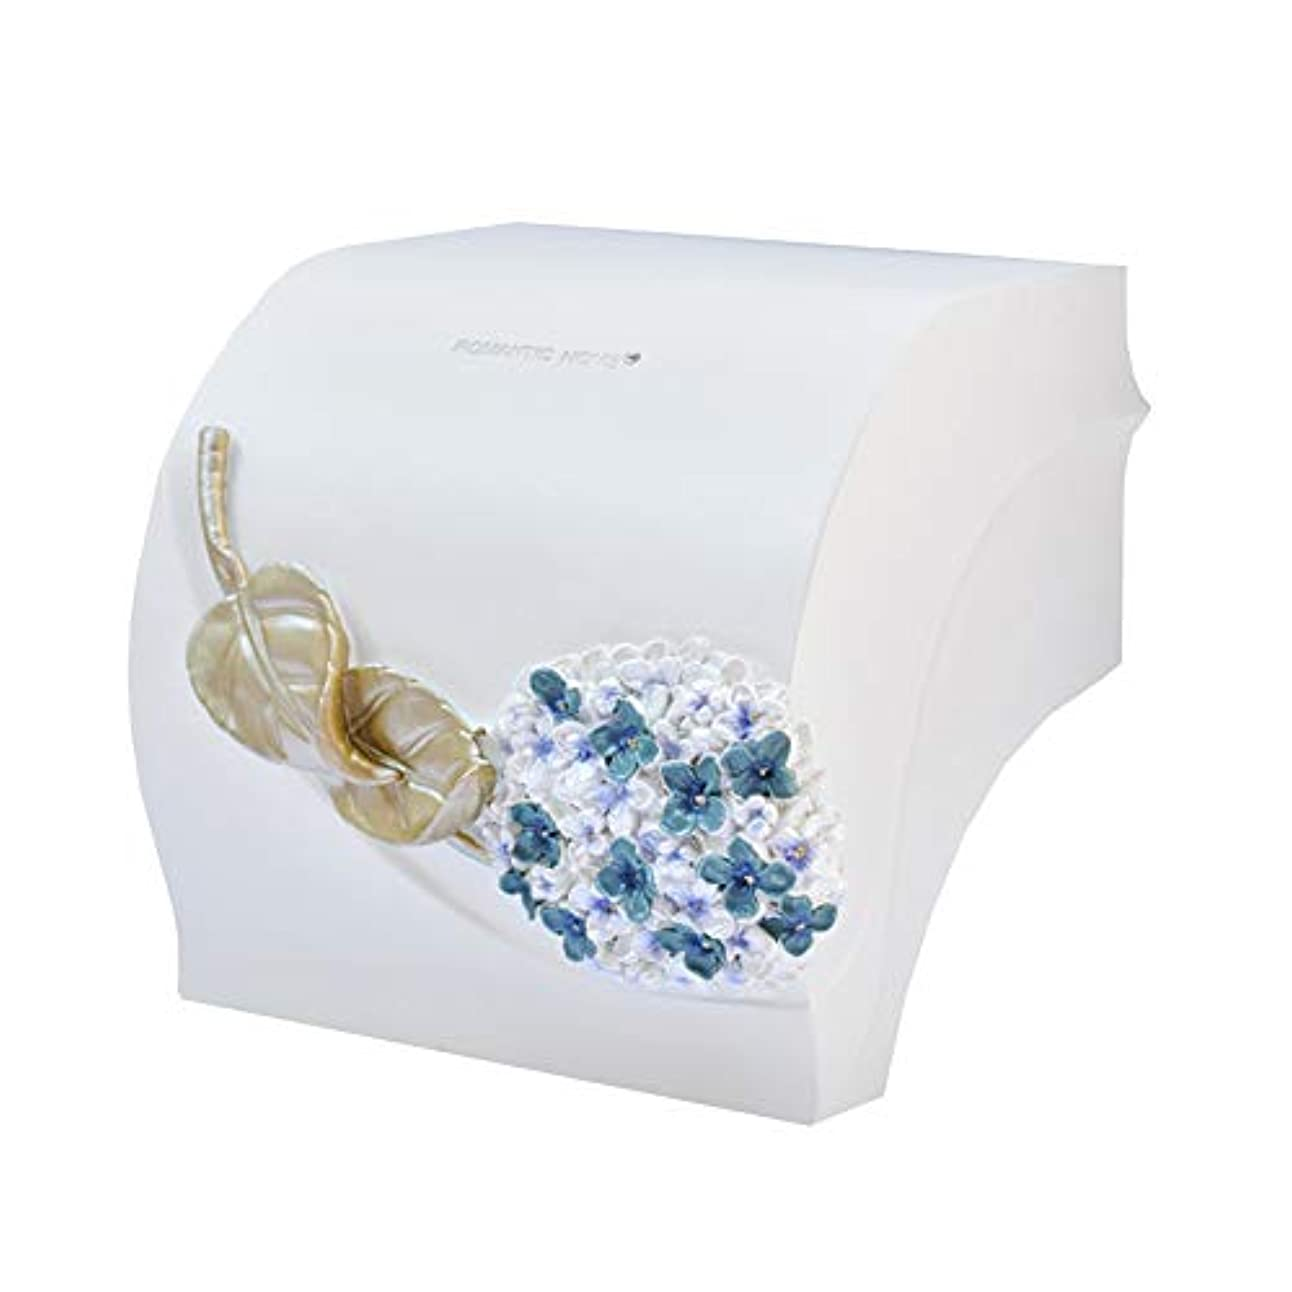 インペリアルプロトタイプ今後ZZLX 紙タオルホルダー、北欧家庭パンチ穴壁掛けトイレ防水ティッシュボックストイレットペーパーホルダー ロングハンドル風呂ブラシ (色 : C)